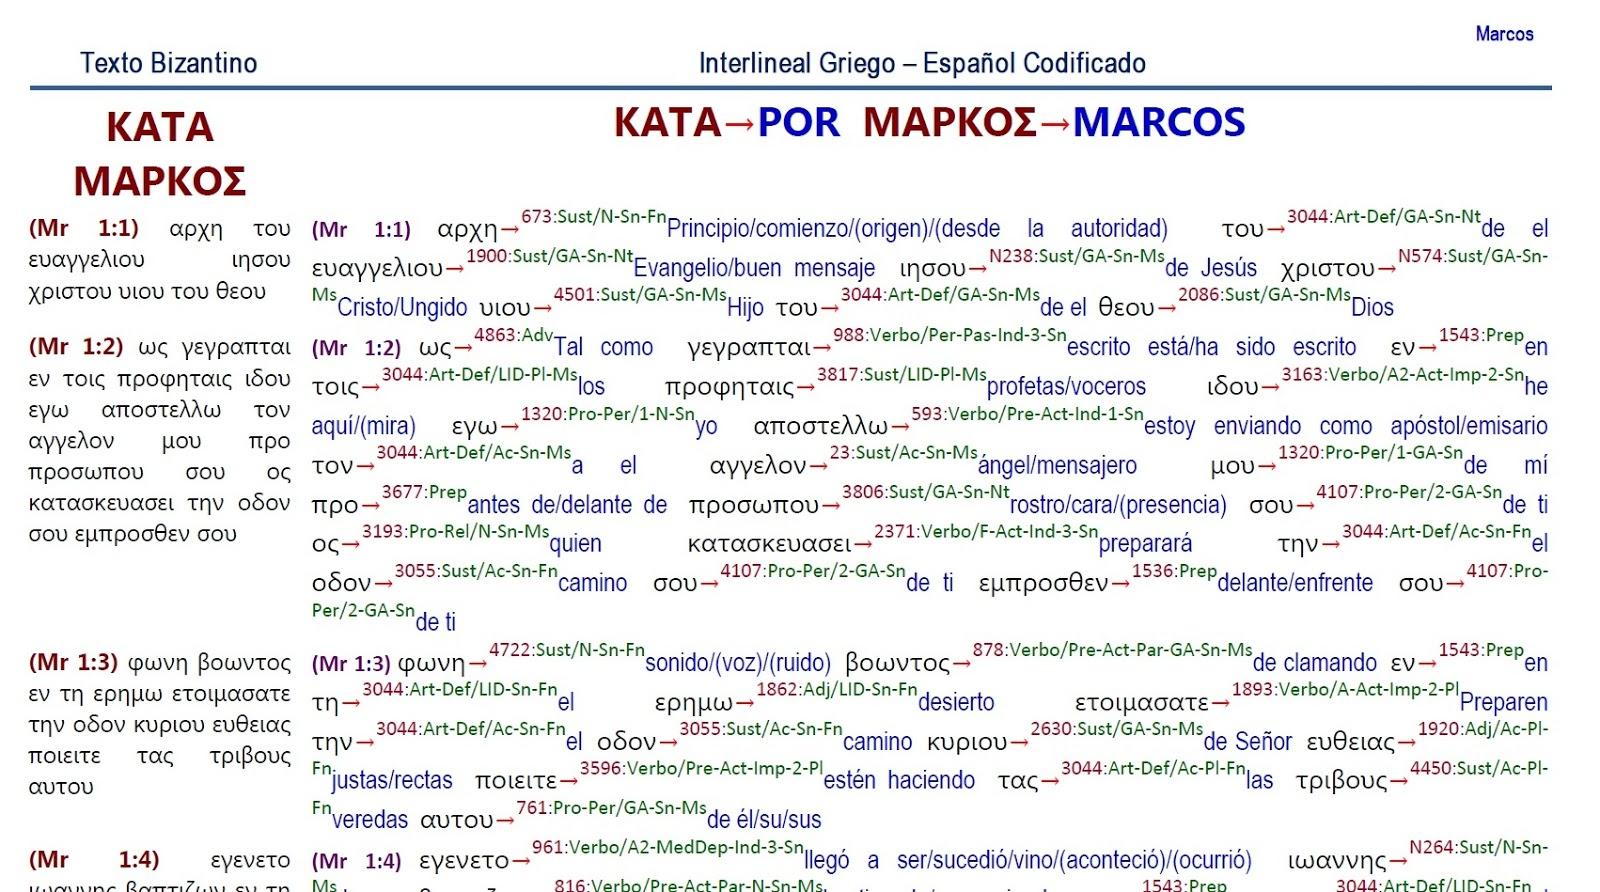 Artesanal Significado En Espanol ~ Ministerio APOYO B u00cdBLICO NT INTERLINEAL CODIFICADO GRIEGO ESPA u00d1OL